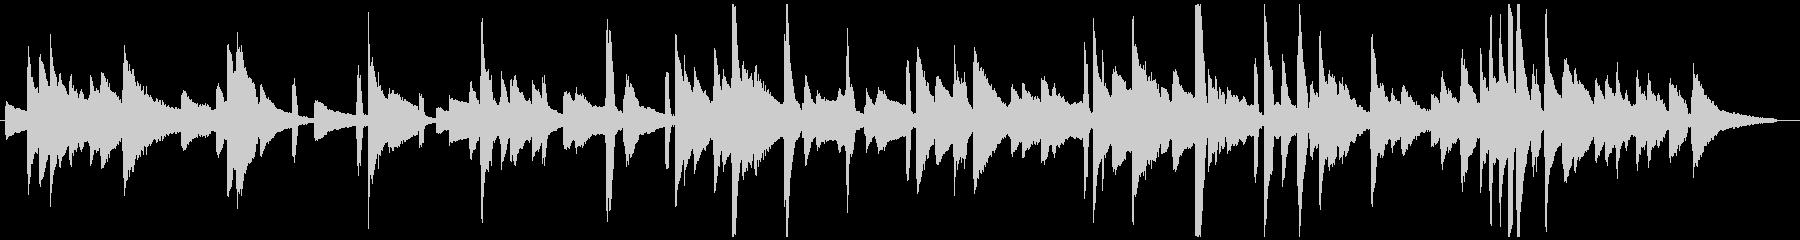 伝統的/古典的なラウンジピアノスタ...の未再生の波形